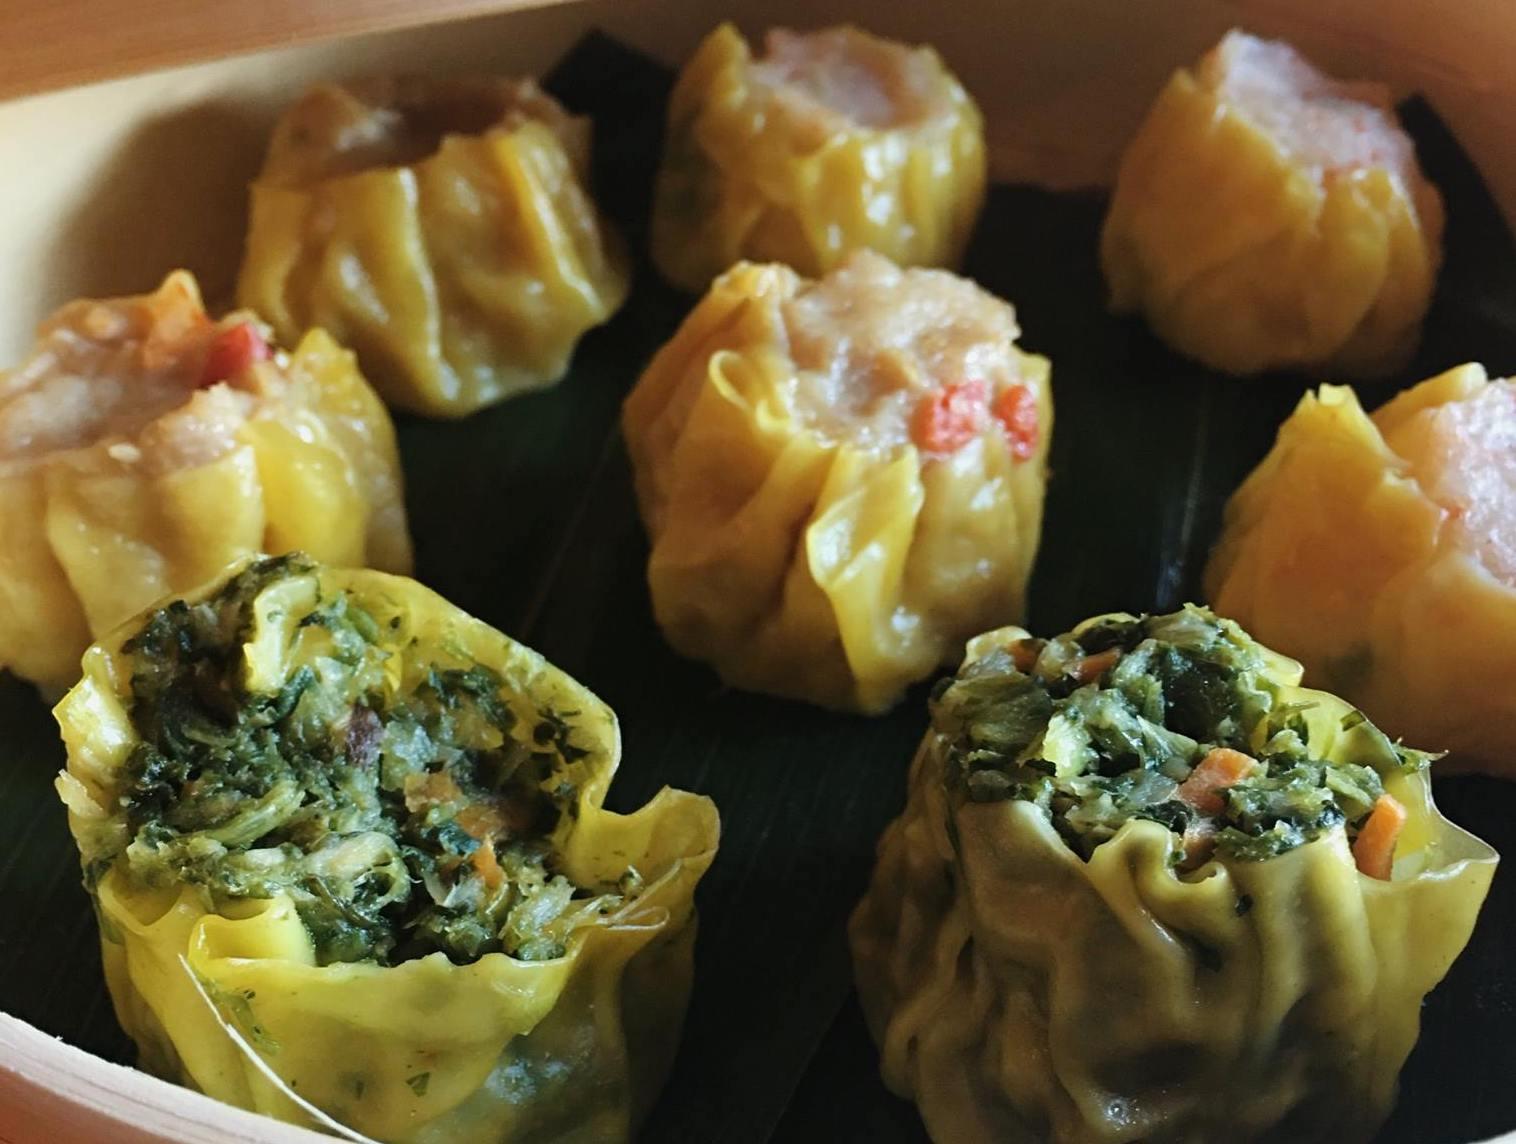 Intro Chicago's dumplings